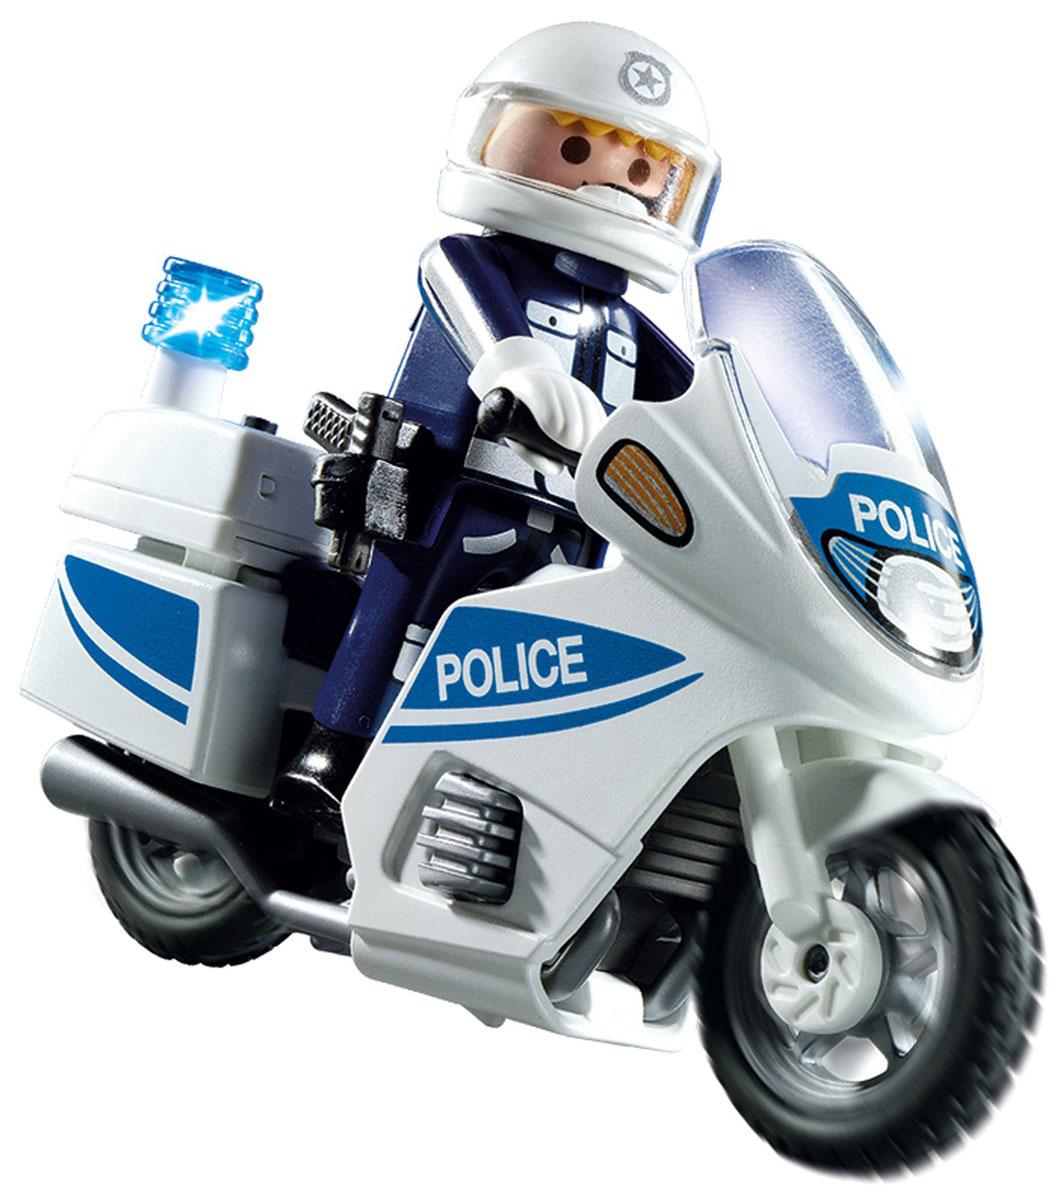 Playmobil Игровой набор Полицейский мотоцикл5185pmИгровой набор Playmobil Полицейский мотоцикл позволит малышу почувствовать себя настоящим борцом с преступностью. В комплект входят: фигурка полицейского, мотоцикл, а также дополнительные аксессуары. Элементы набора выполнены из прочного пластика ярких цветов и легко соединяются между собой. Руки и голова фигурки подвижны, а благодаря специальной форме ручек, она может держать различные небольшие предметы, входящие в набор. Модель мотоцикла оснащена ветровым стеклом, удобным рулевым управлением, мигающим фонариком и вращающимися колесами. Игры с таким набором позволят ребенку весело провести время. А процесс сборки игрушки поможет малышу развить мелкую моторику пальчиков, внимательность и усидчивость. Порадуйте своего малыша такой чудесной игрушкой! Рекомендуется докупить 1 батарейку напряжением 1,5V типа DC 303 (товар комплектуется демонстрационной).